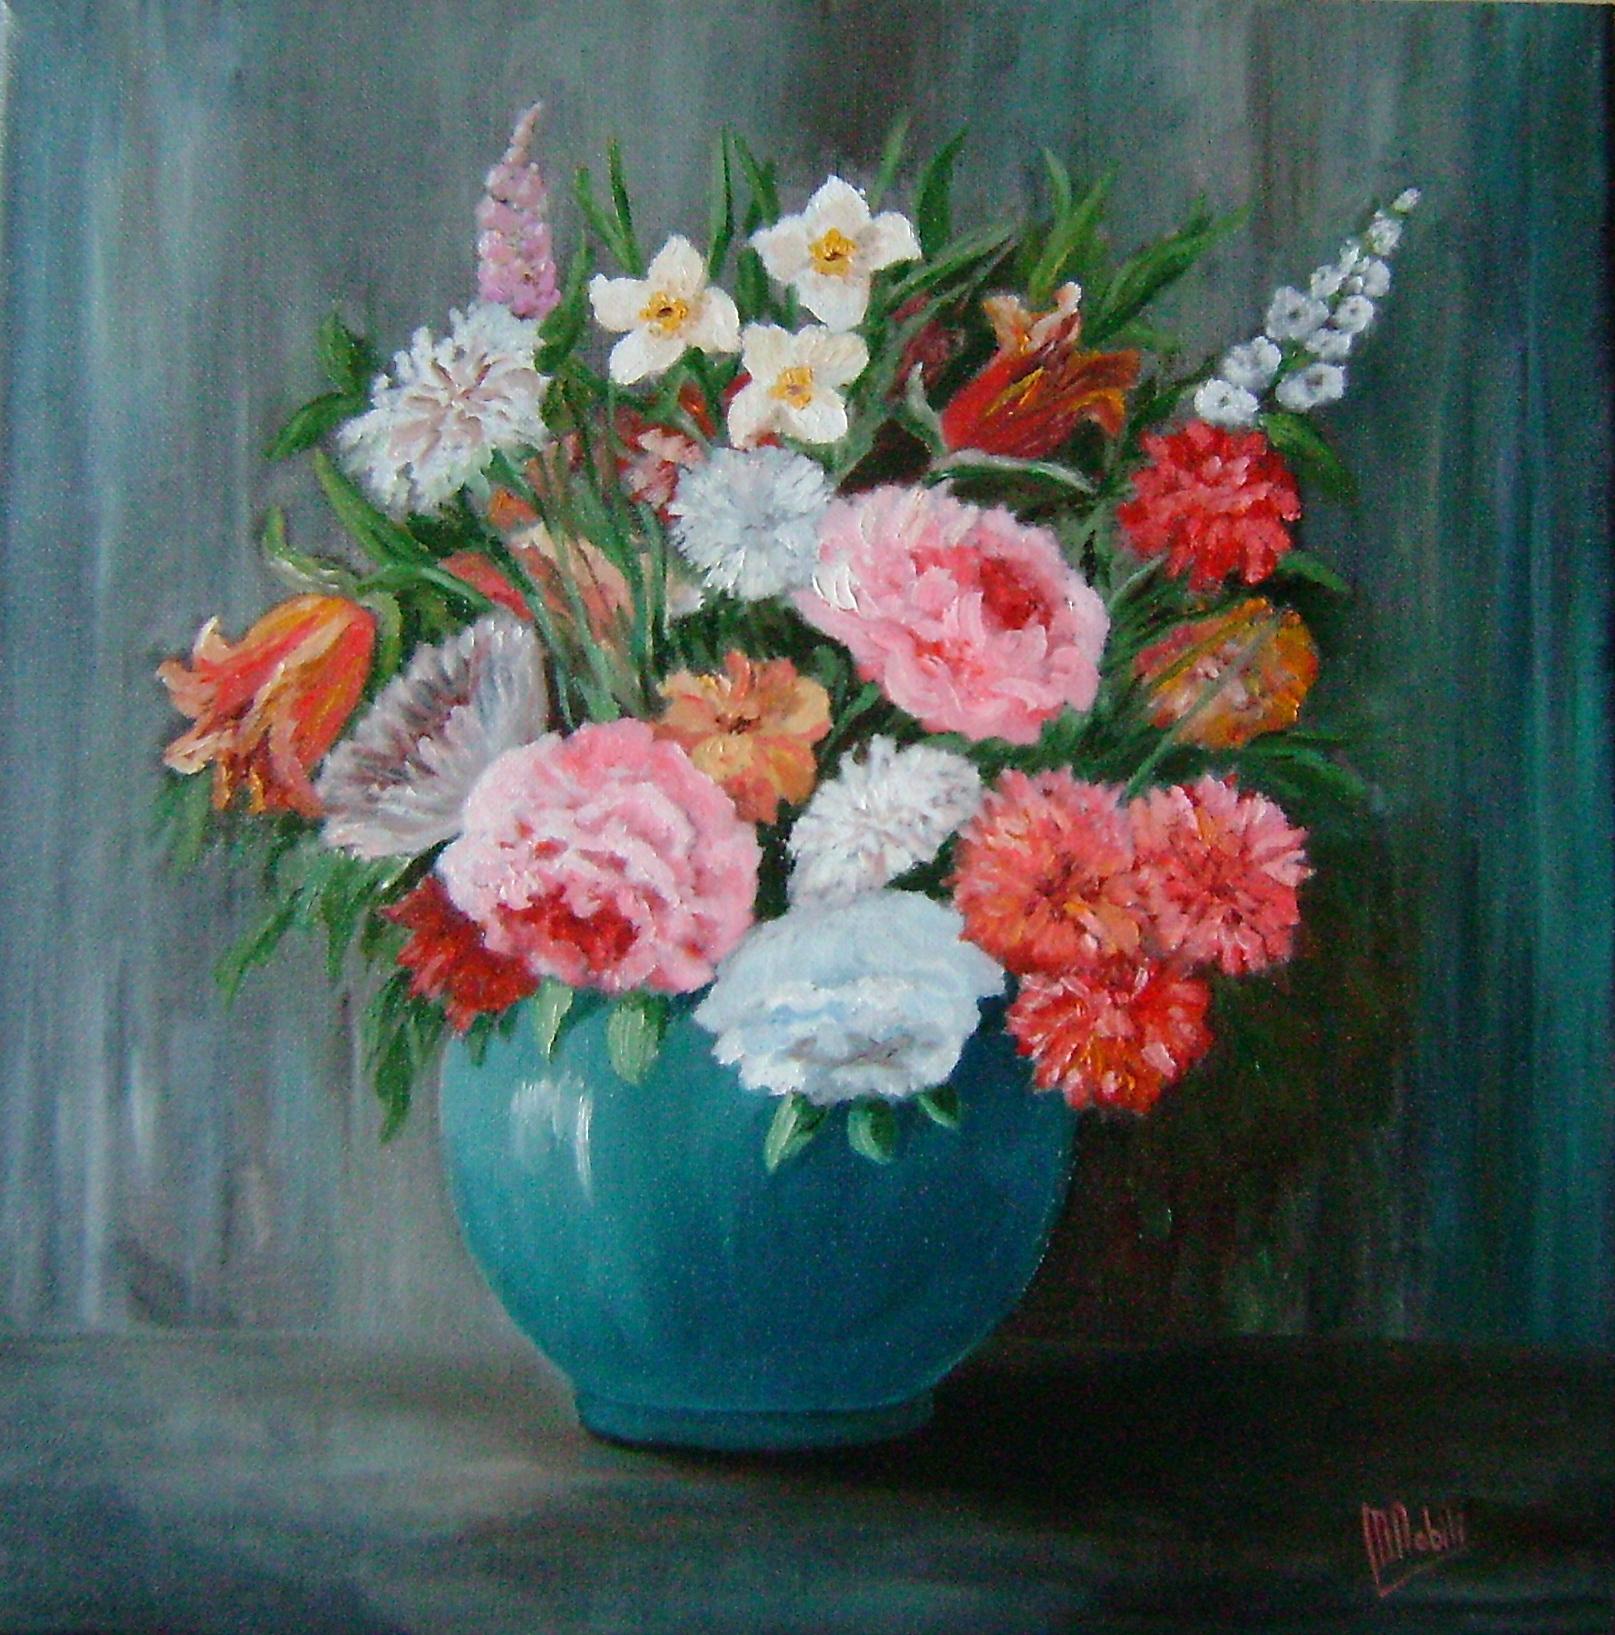 Vaso con fiori maria nobili opera celeste network for Fiori dipinti a olio